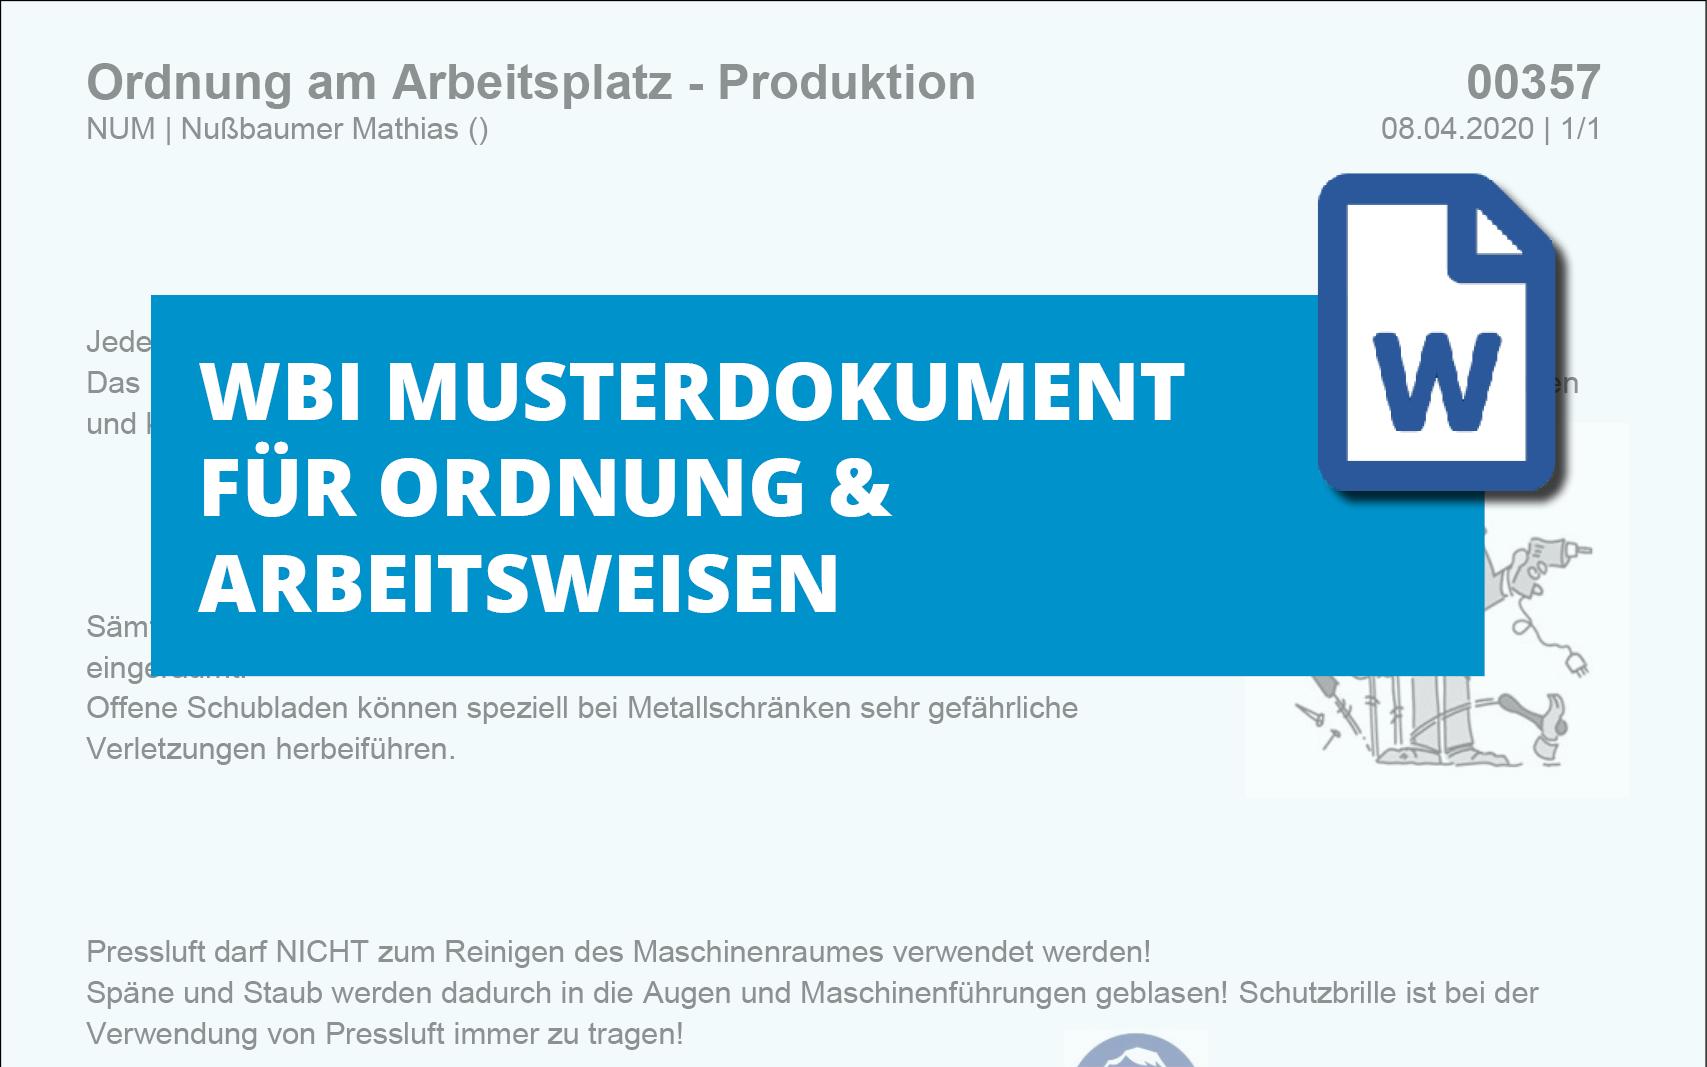 ordnung-am-arbeitsplatz-produktion